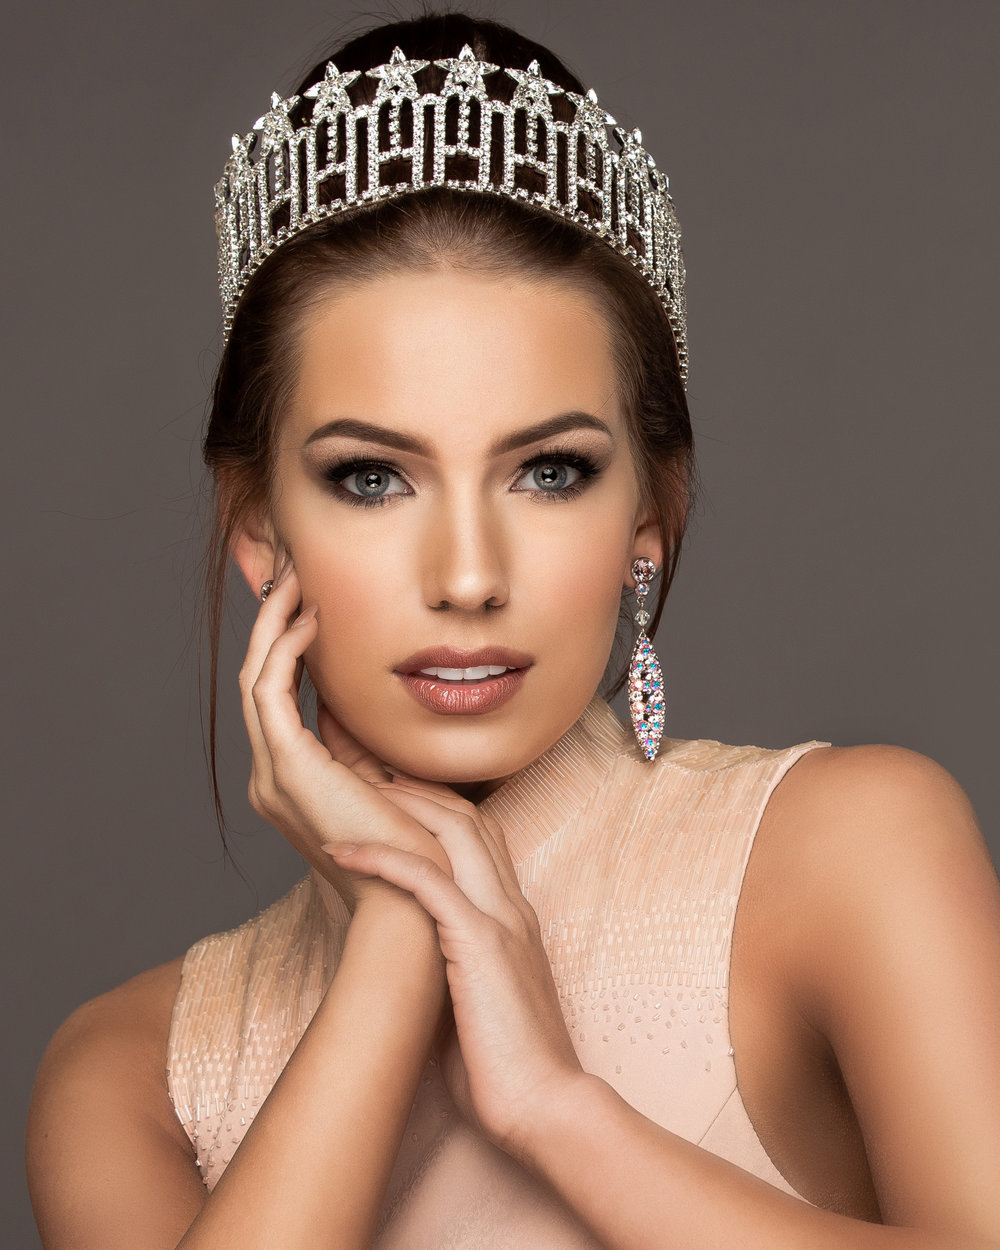 Addie - 2019 Miss Wyoming USA